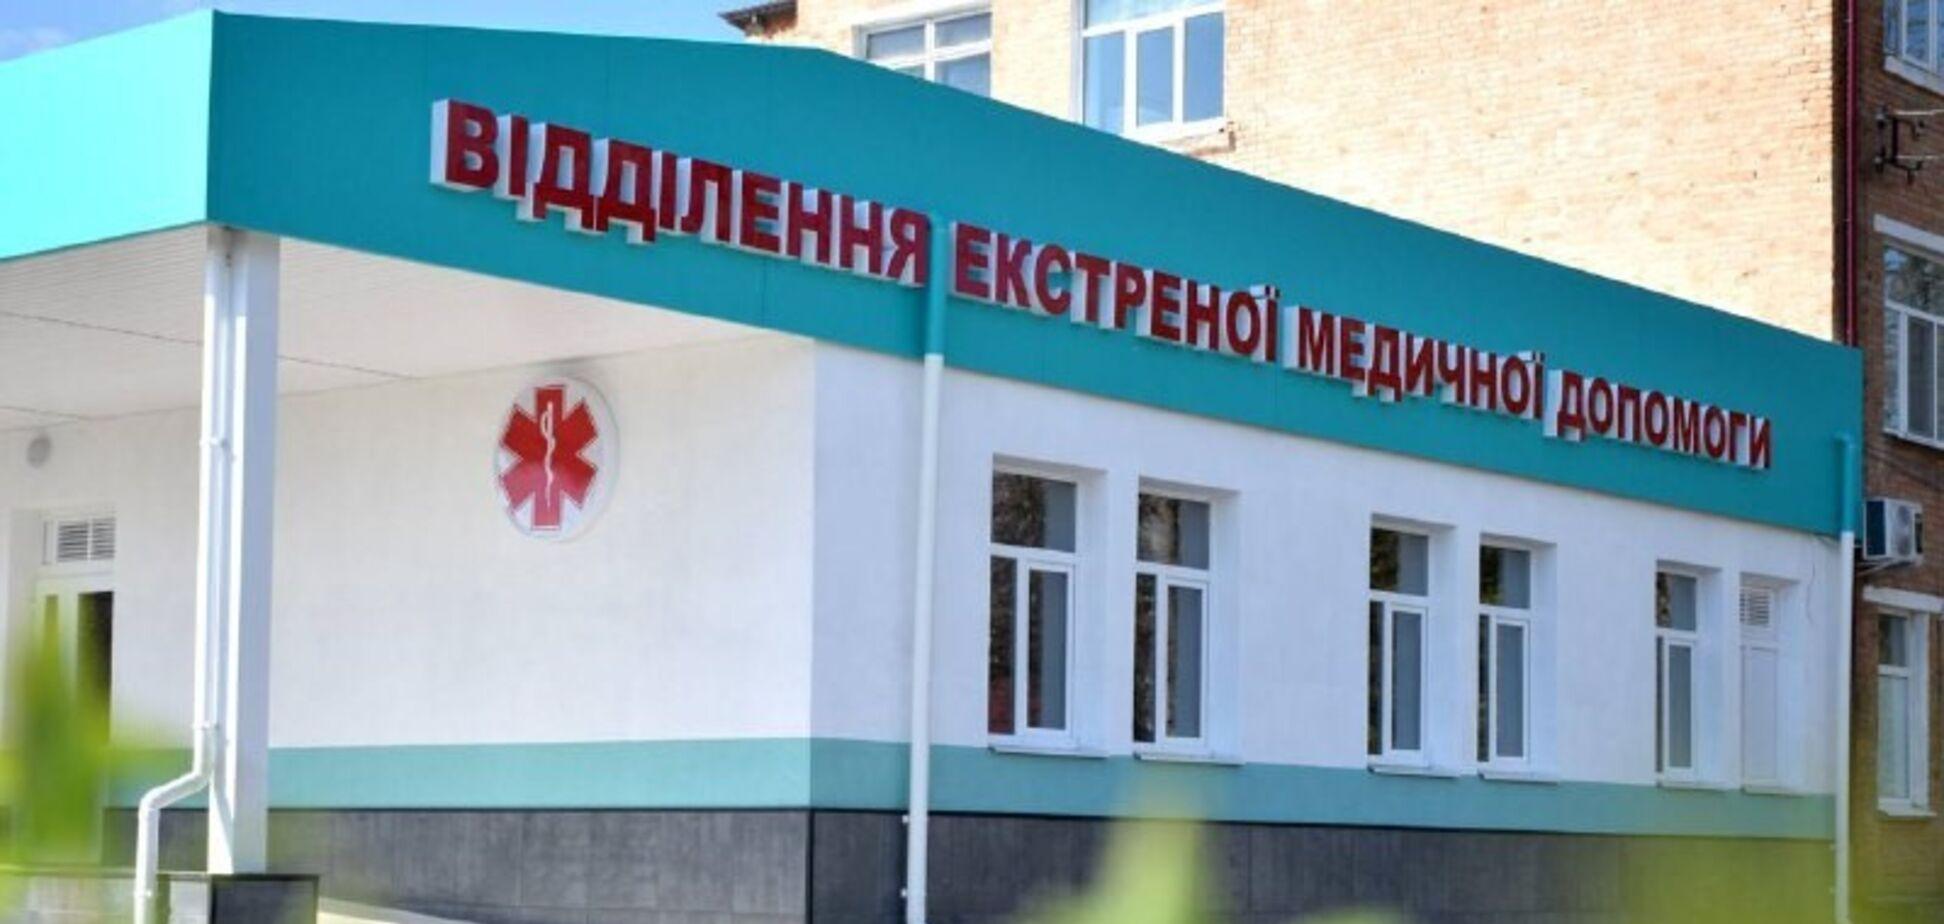 У Гайворонській ЦРЛ готове до прийому пацієнтів оновлене відділення екстреної медичної допомоги